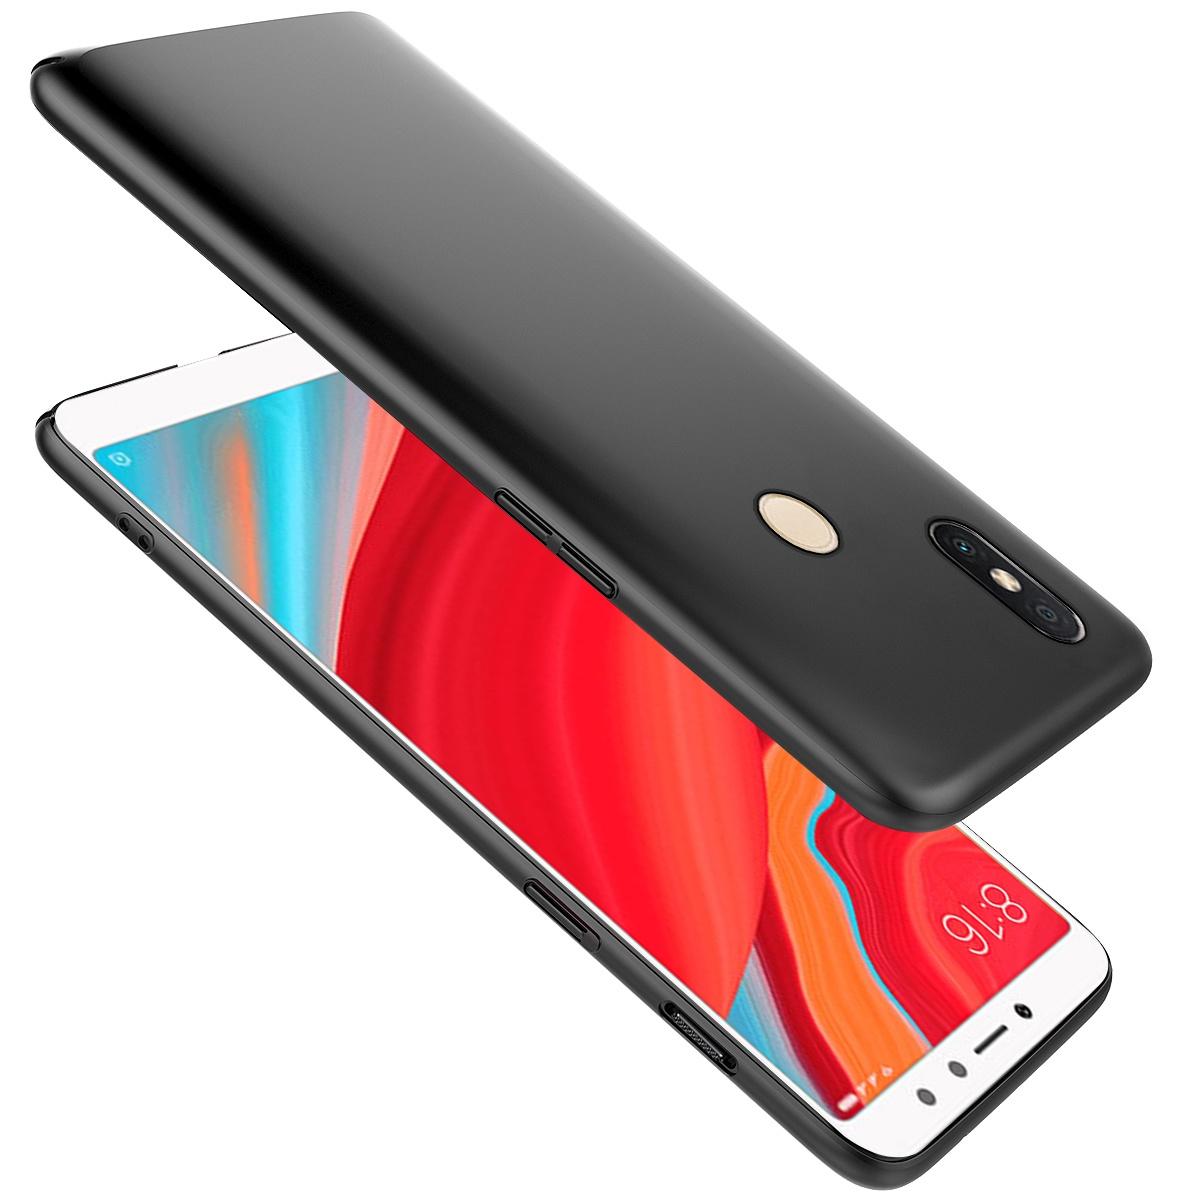 Xiaomi Redmi S2 Ультратонкий жесткий ПК Задний чехол Полный защитный чехол для тела Черный